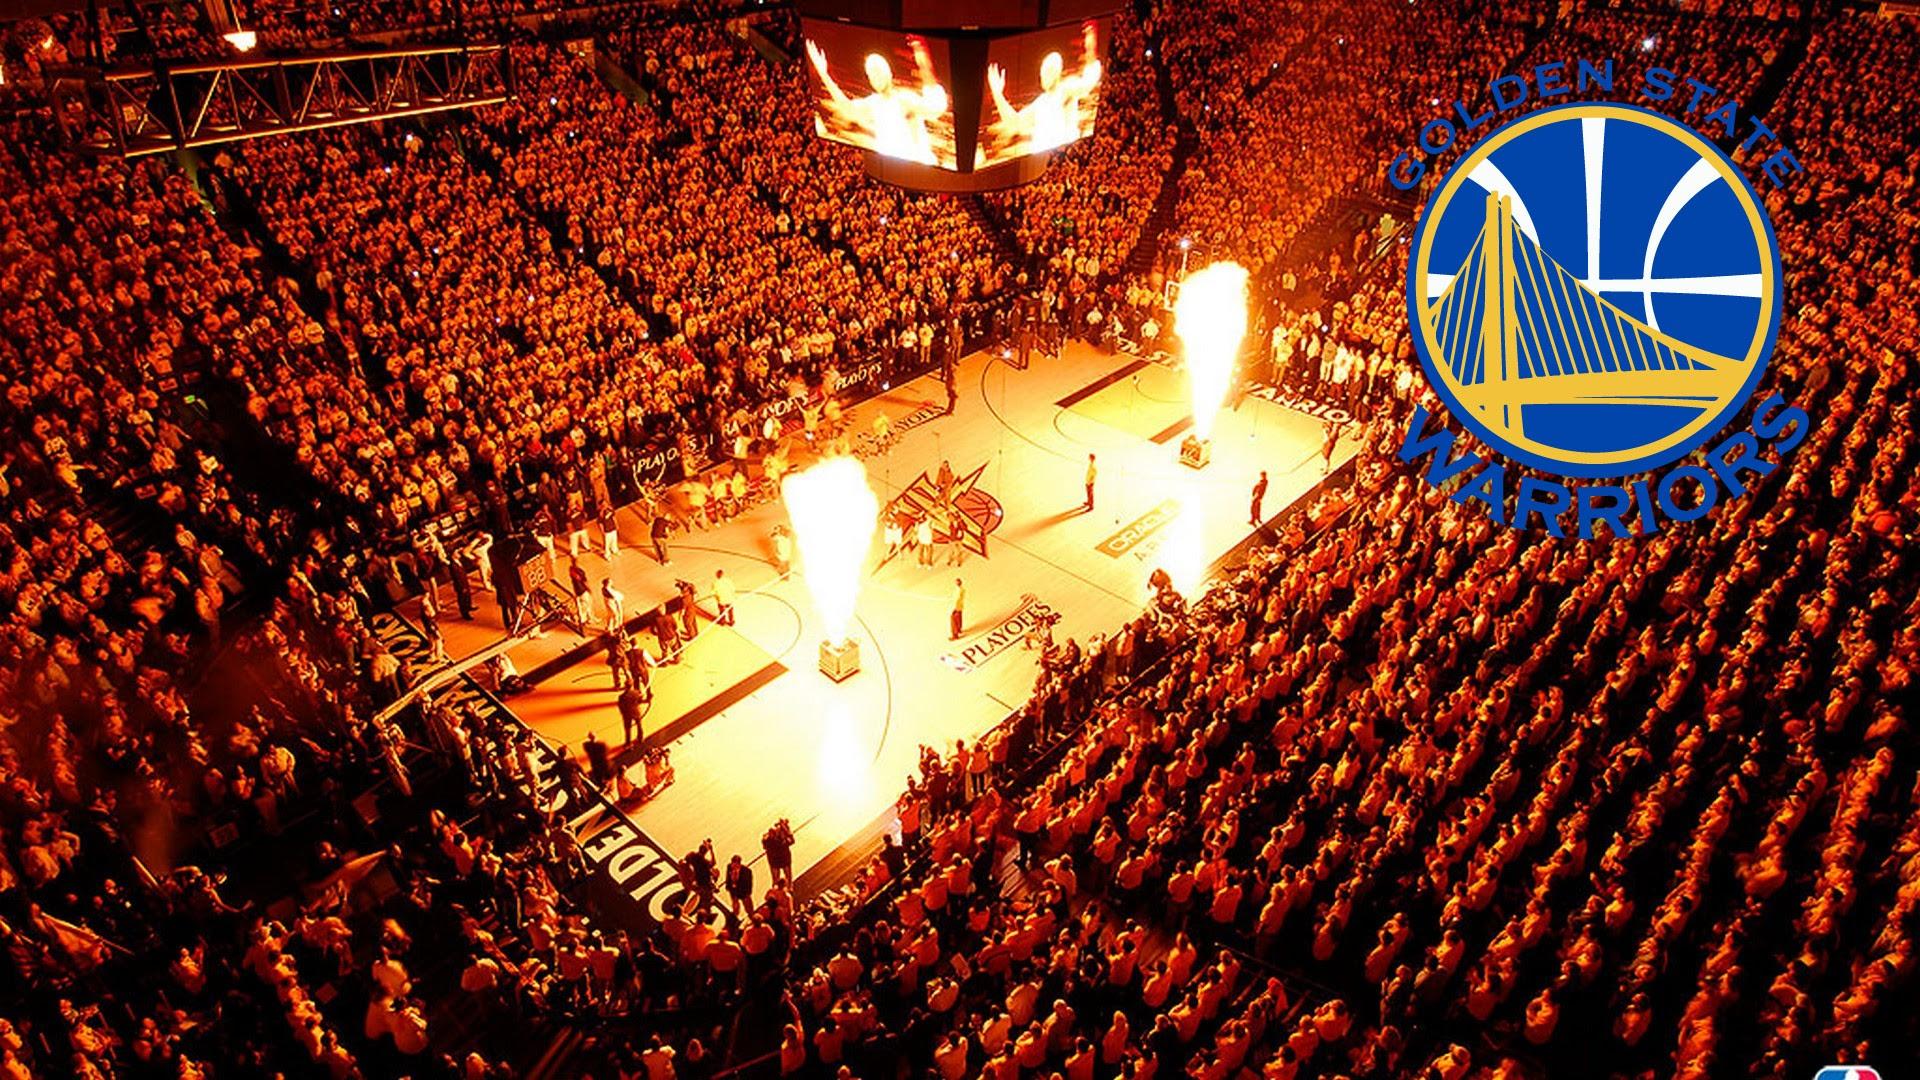 Golden State Warriors NBA Backgrounds HD   2019 Basketball Wallpaper